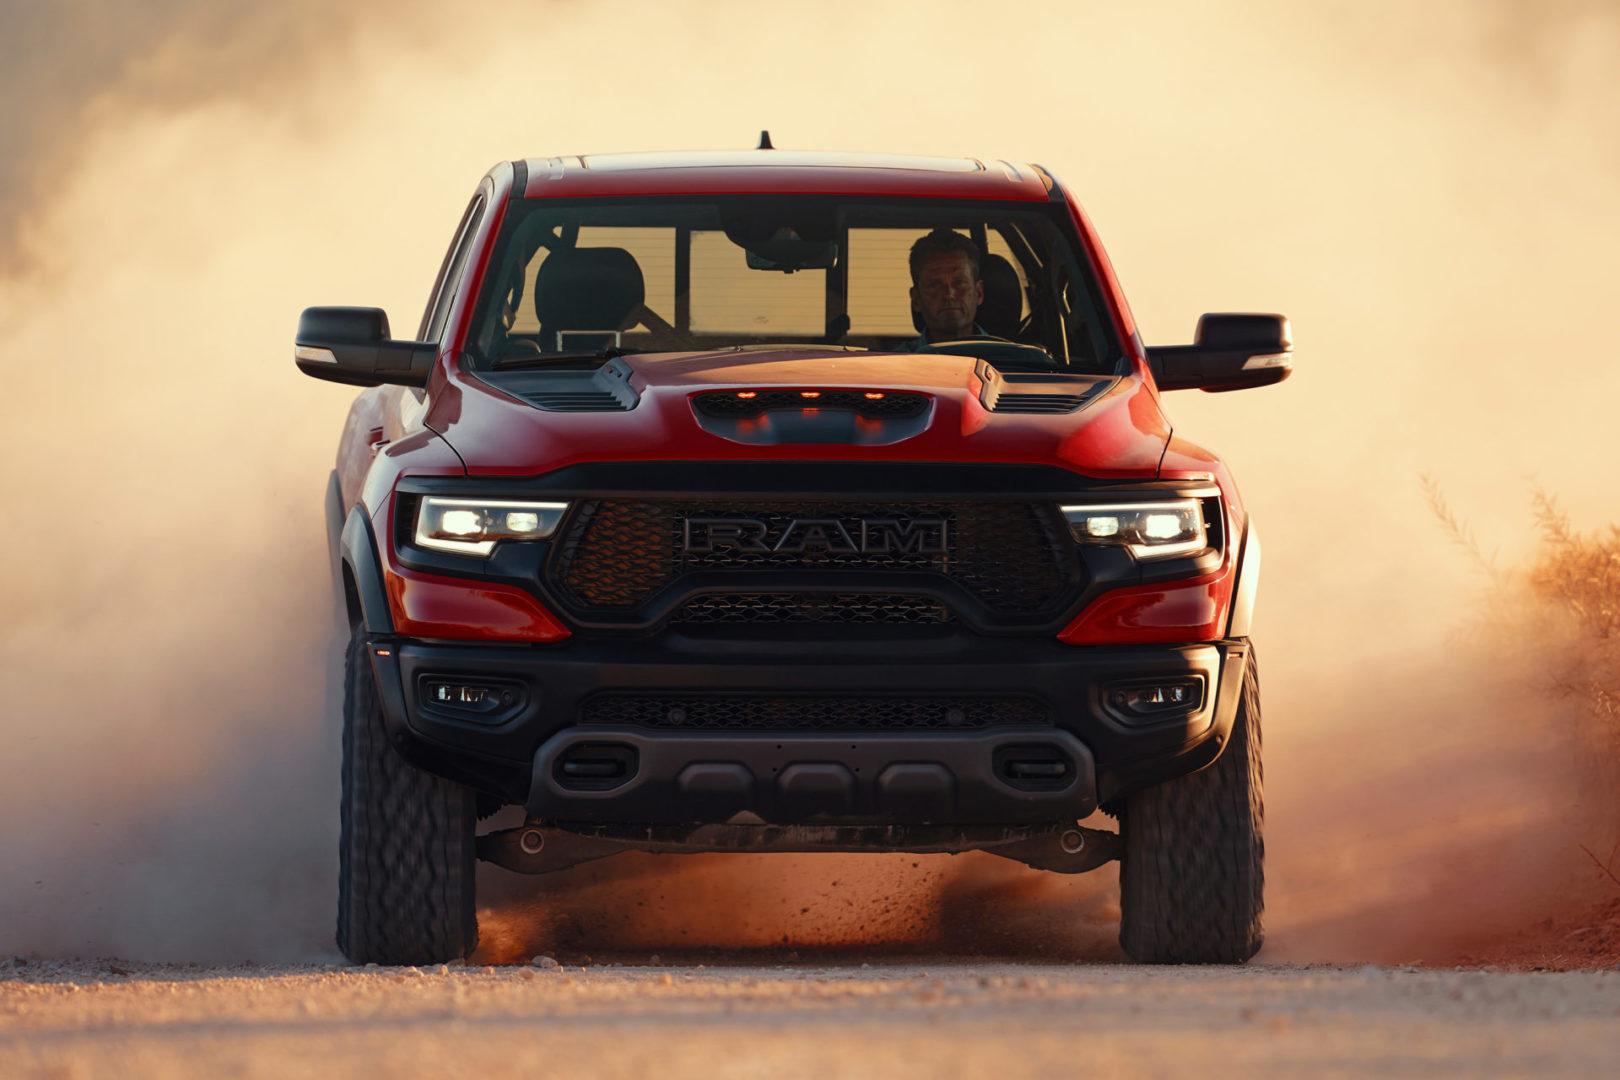 2021 Ram 1500 TRX front head-on in motion